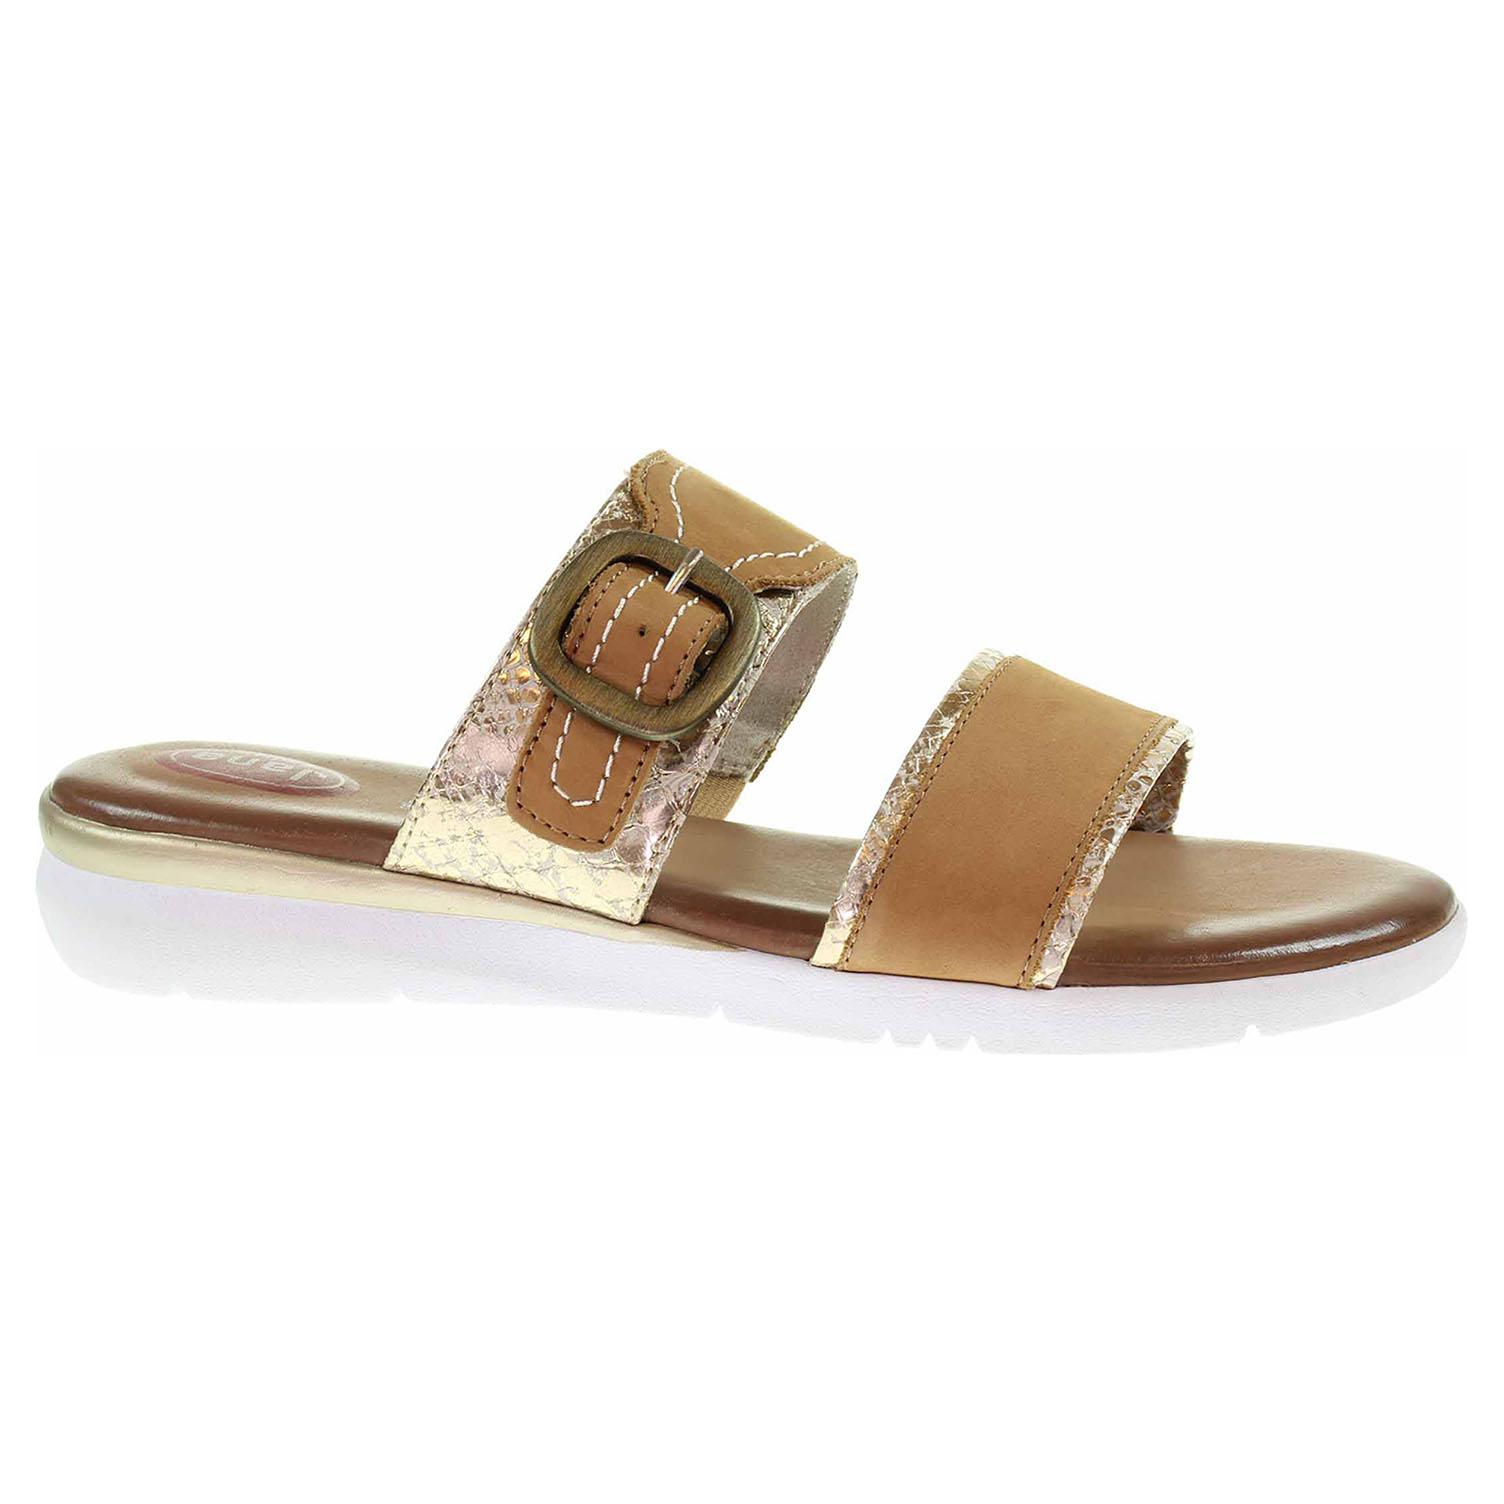 Dámské pantofle Jana 8-27107-26 cognac nubuk 8-8-27107-26 339 45